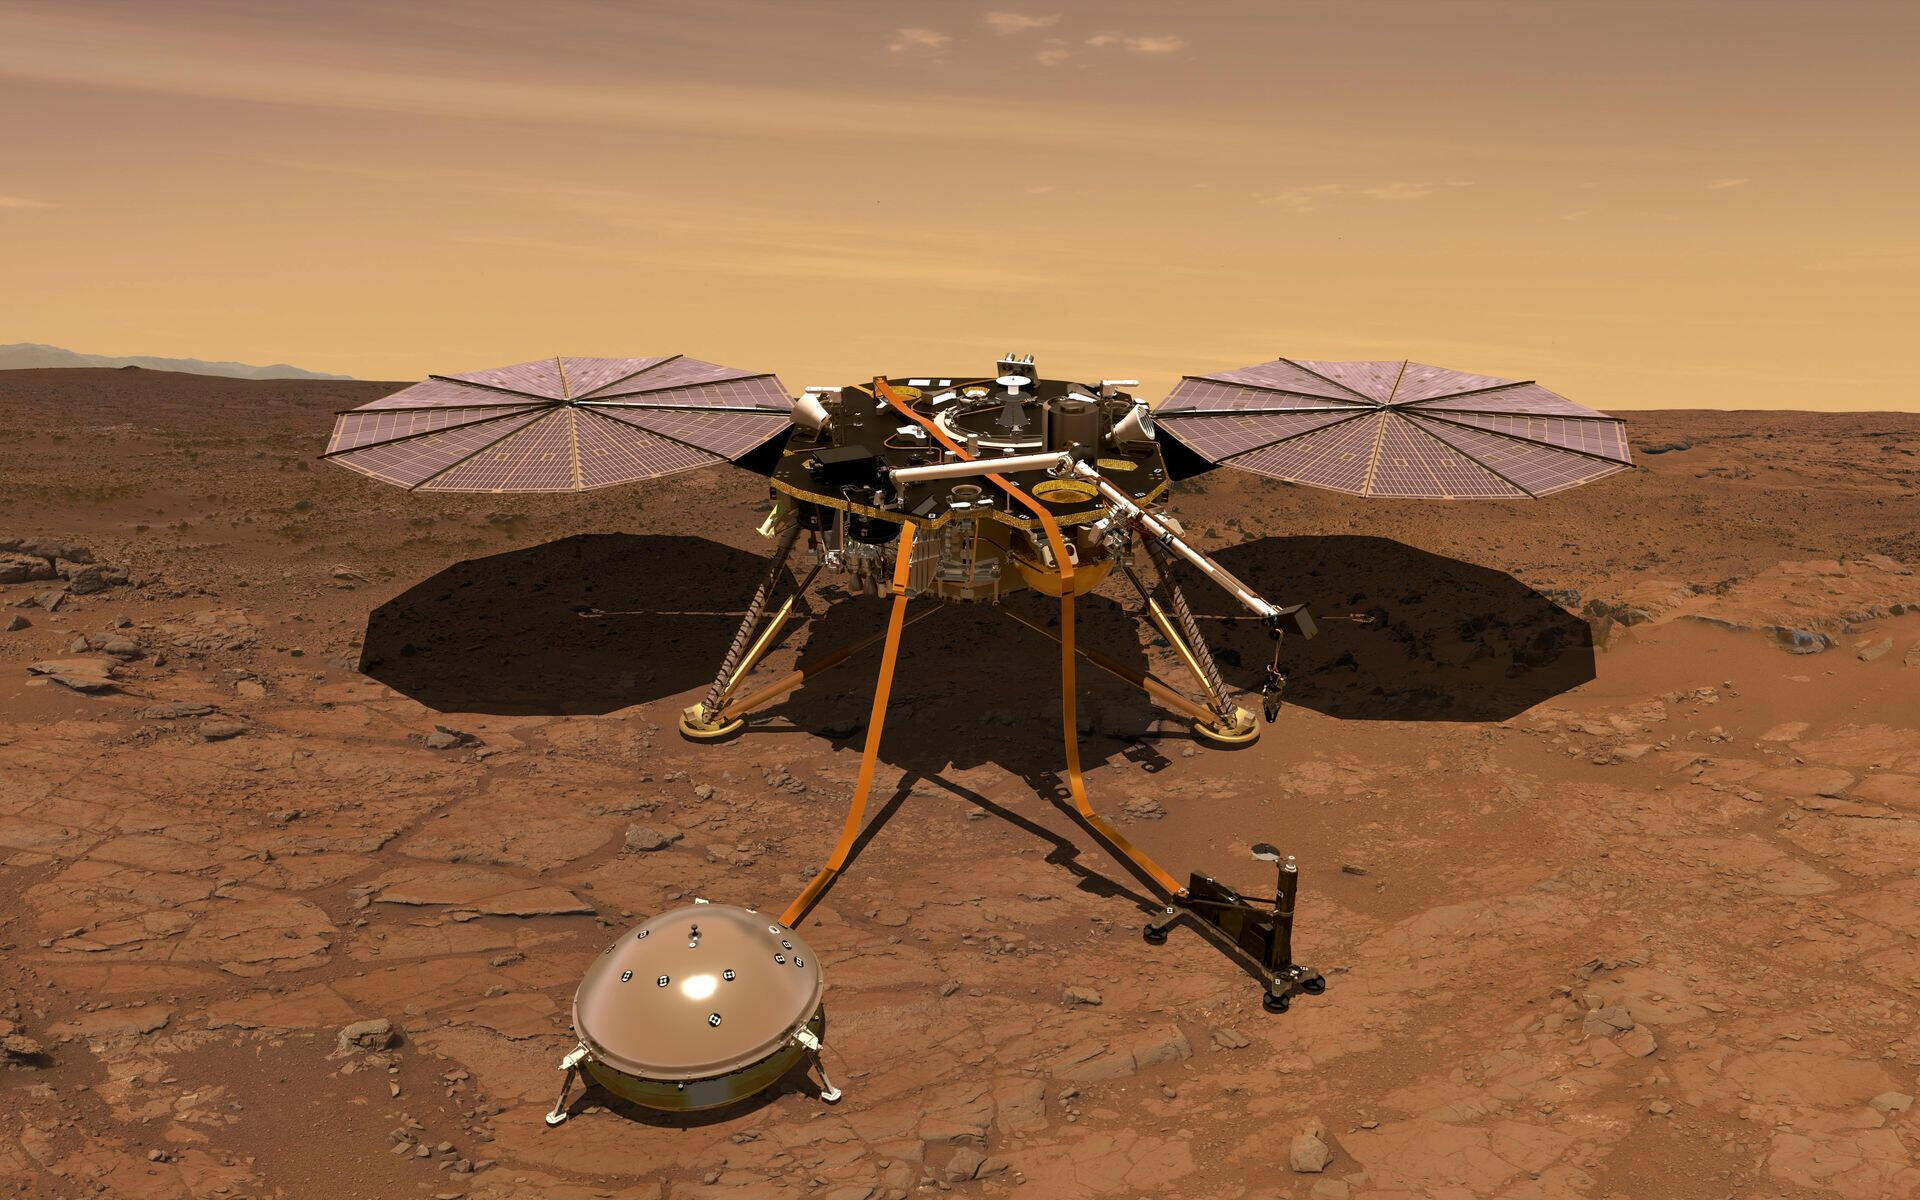 Imagem 3D da Nasa mostrando a sonda InSight que foi lançada neste sábado (5) para explorar Marte.